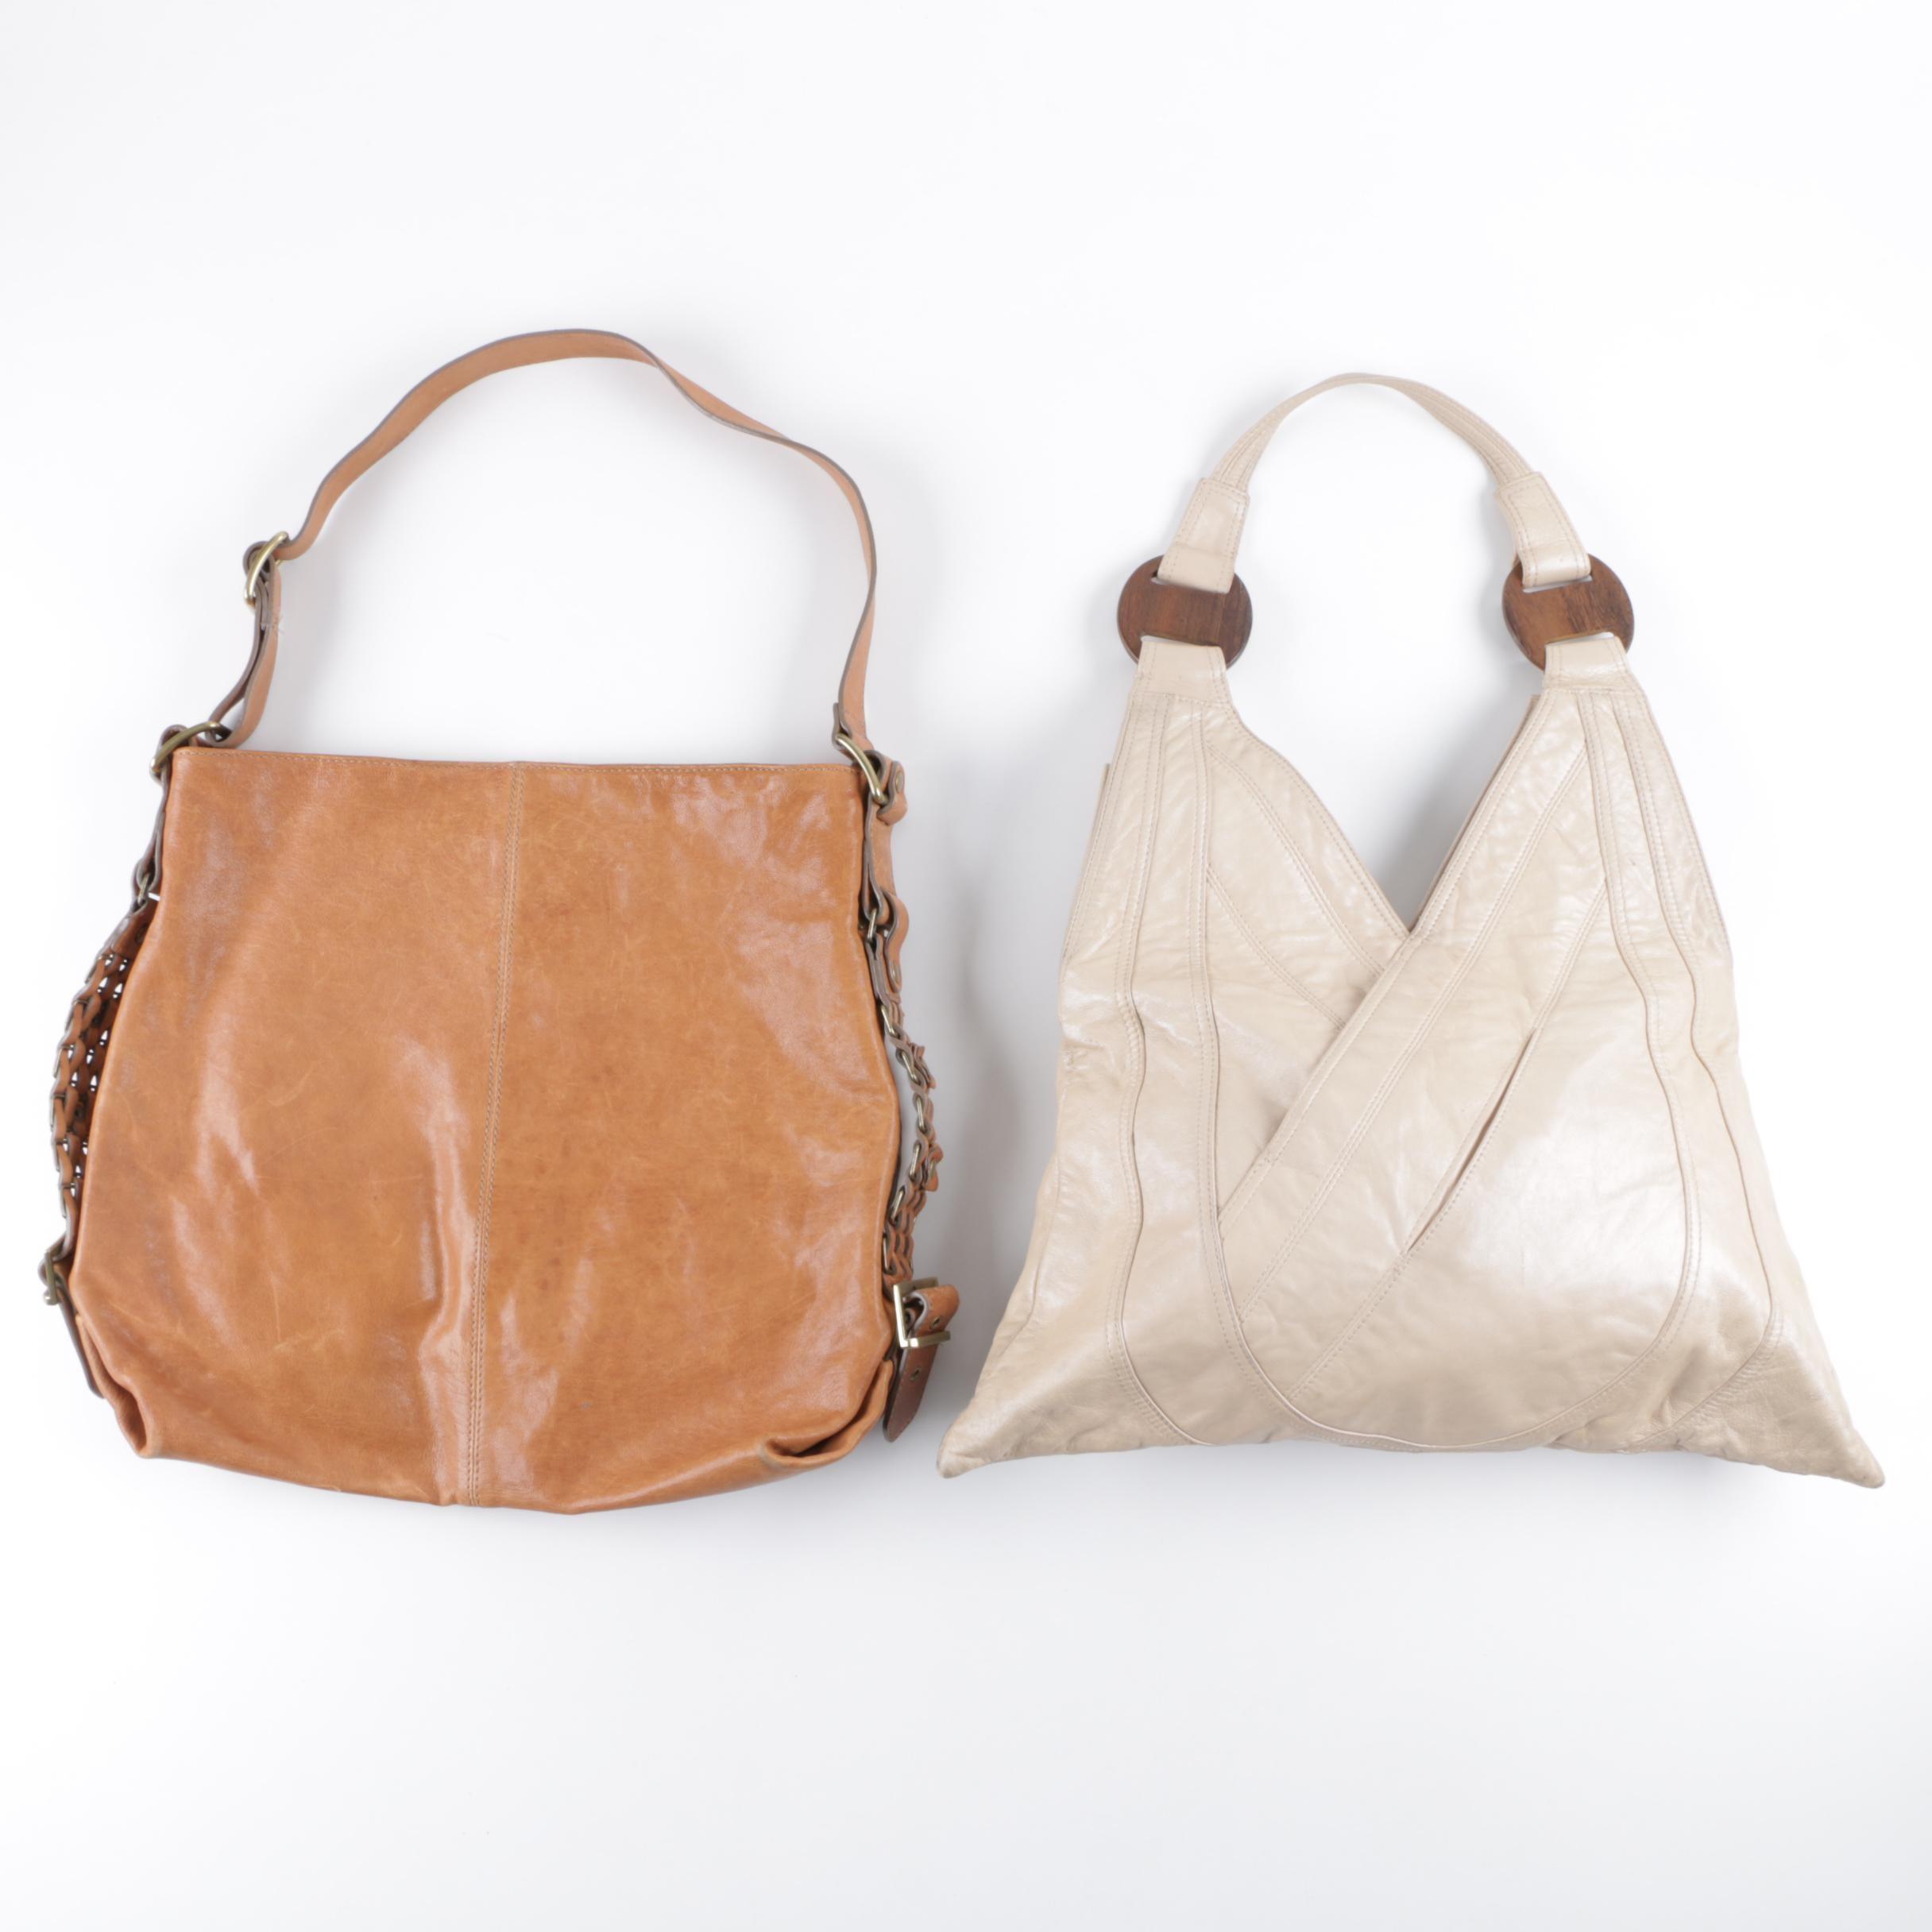 Ananas and Kooba Leather Handbags